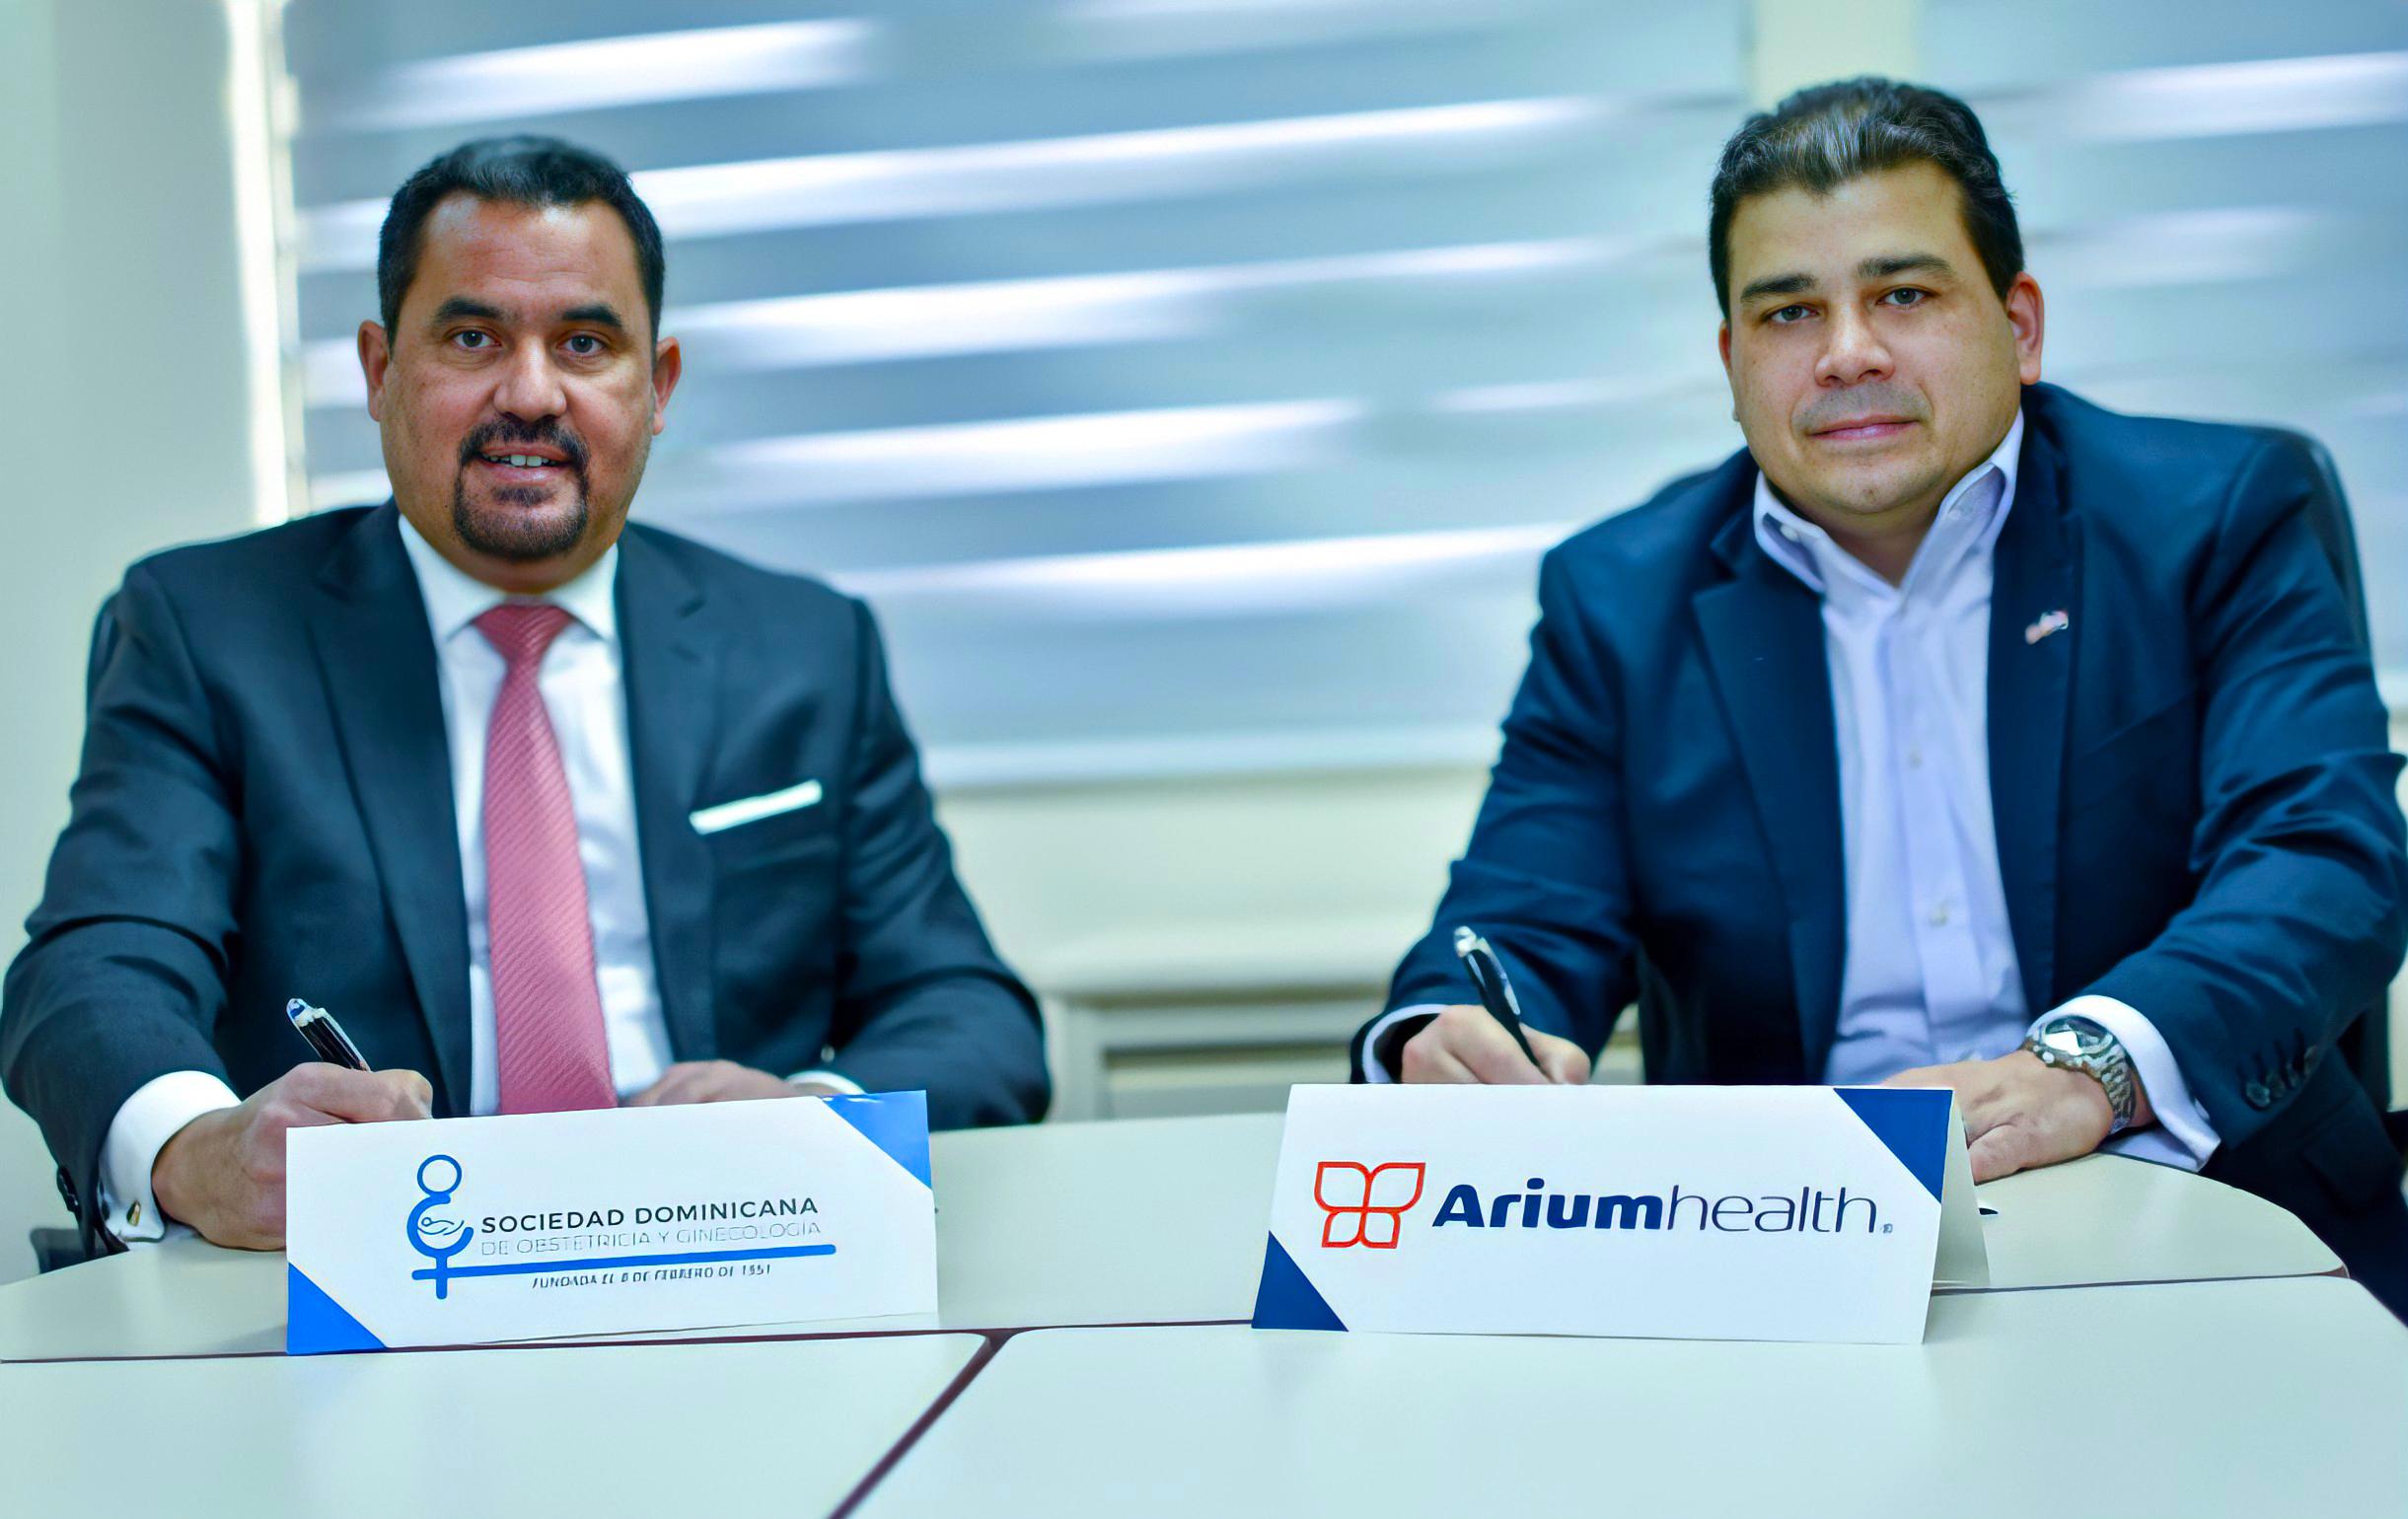 Jorge Vargas Guzmán, presidente de la Sociedad Dominicana de Obstetricia y Ginecología y Fedor Vidal, CEO de la compañía Arium Health firman acuerdo de colaboración para digitalización de protocolos médicos